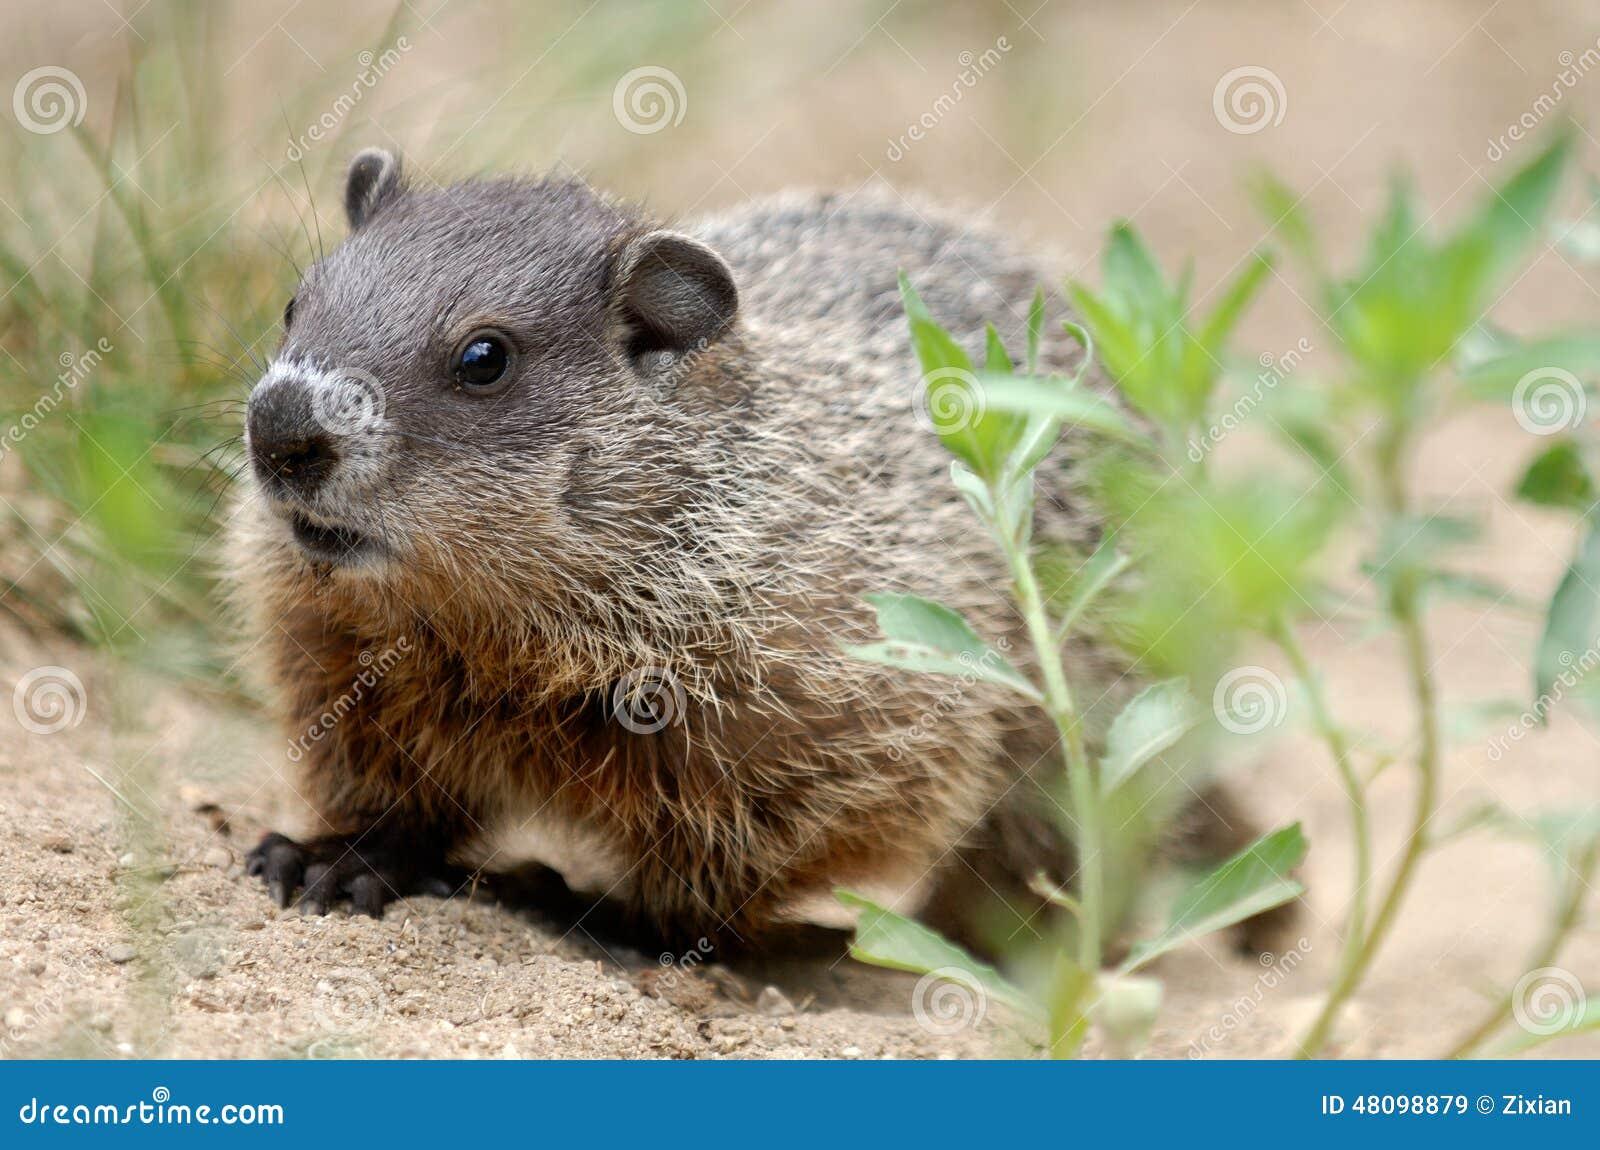 土拨鼠大叫表情动图_土拨鼠大叫大全动图搞笑图片图动物表情图片搜索动图片